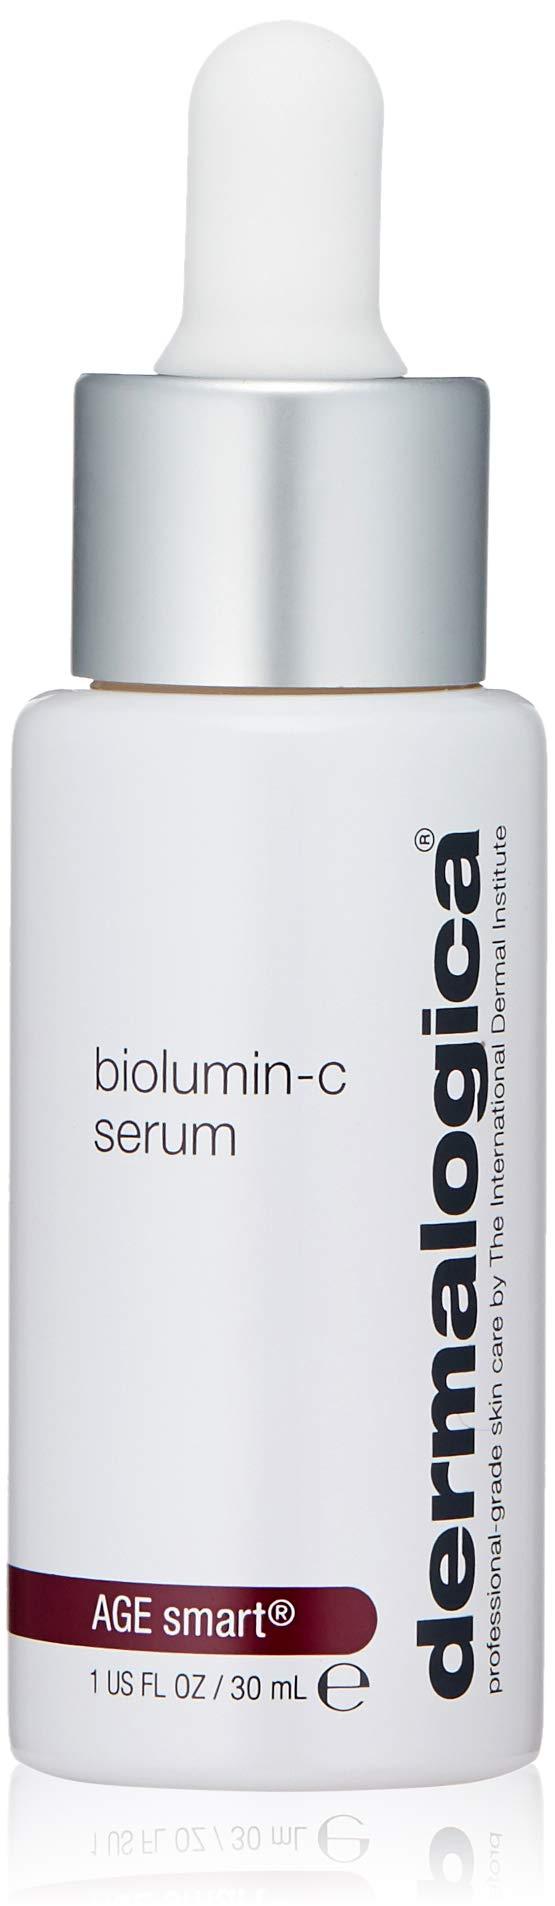 Dermalogica Biolumin-C Serum, 1 oz.